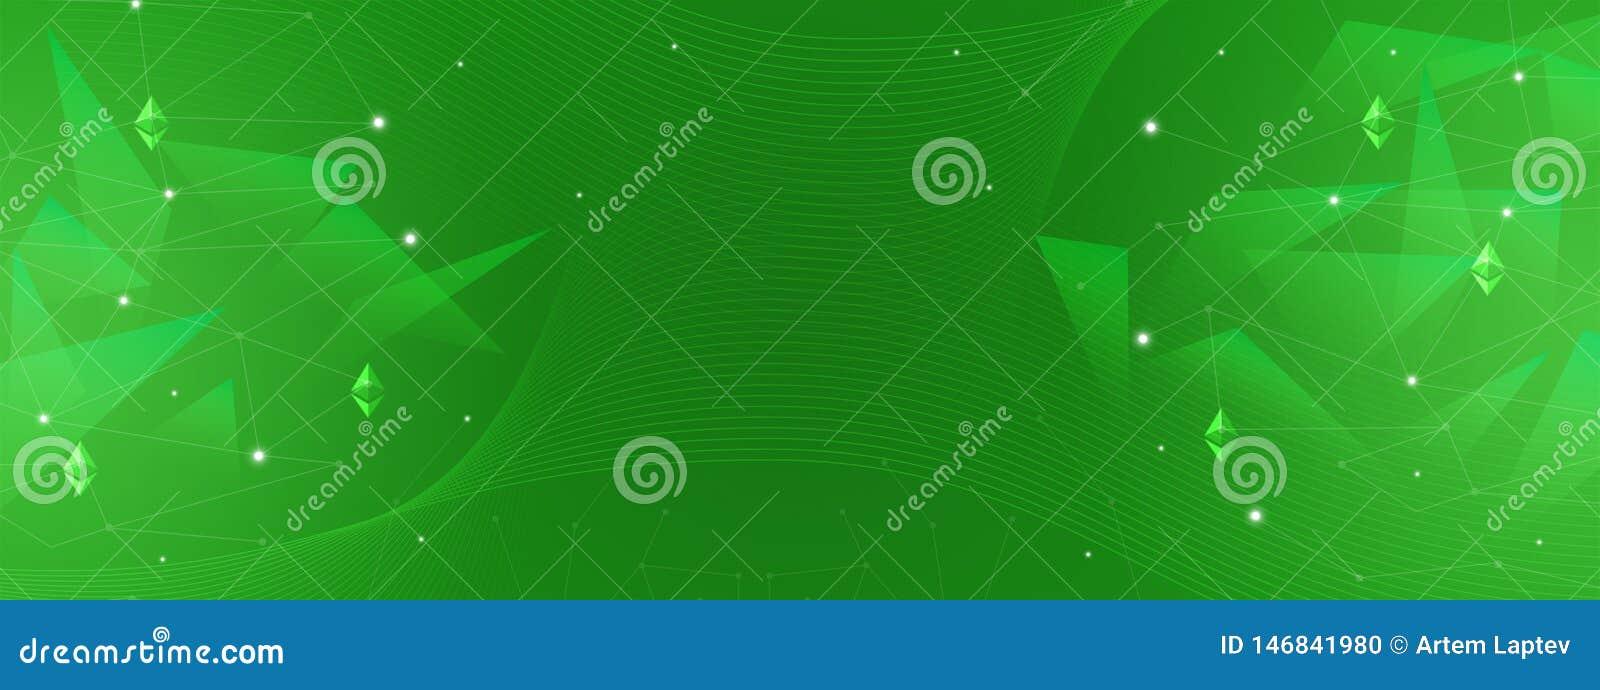 Abstrakta zielony tło dla finanse, biznes, cryptocurrency, blockchain, ethereum, sieci